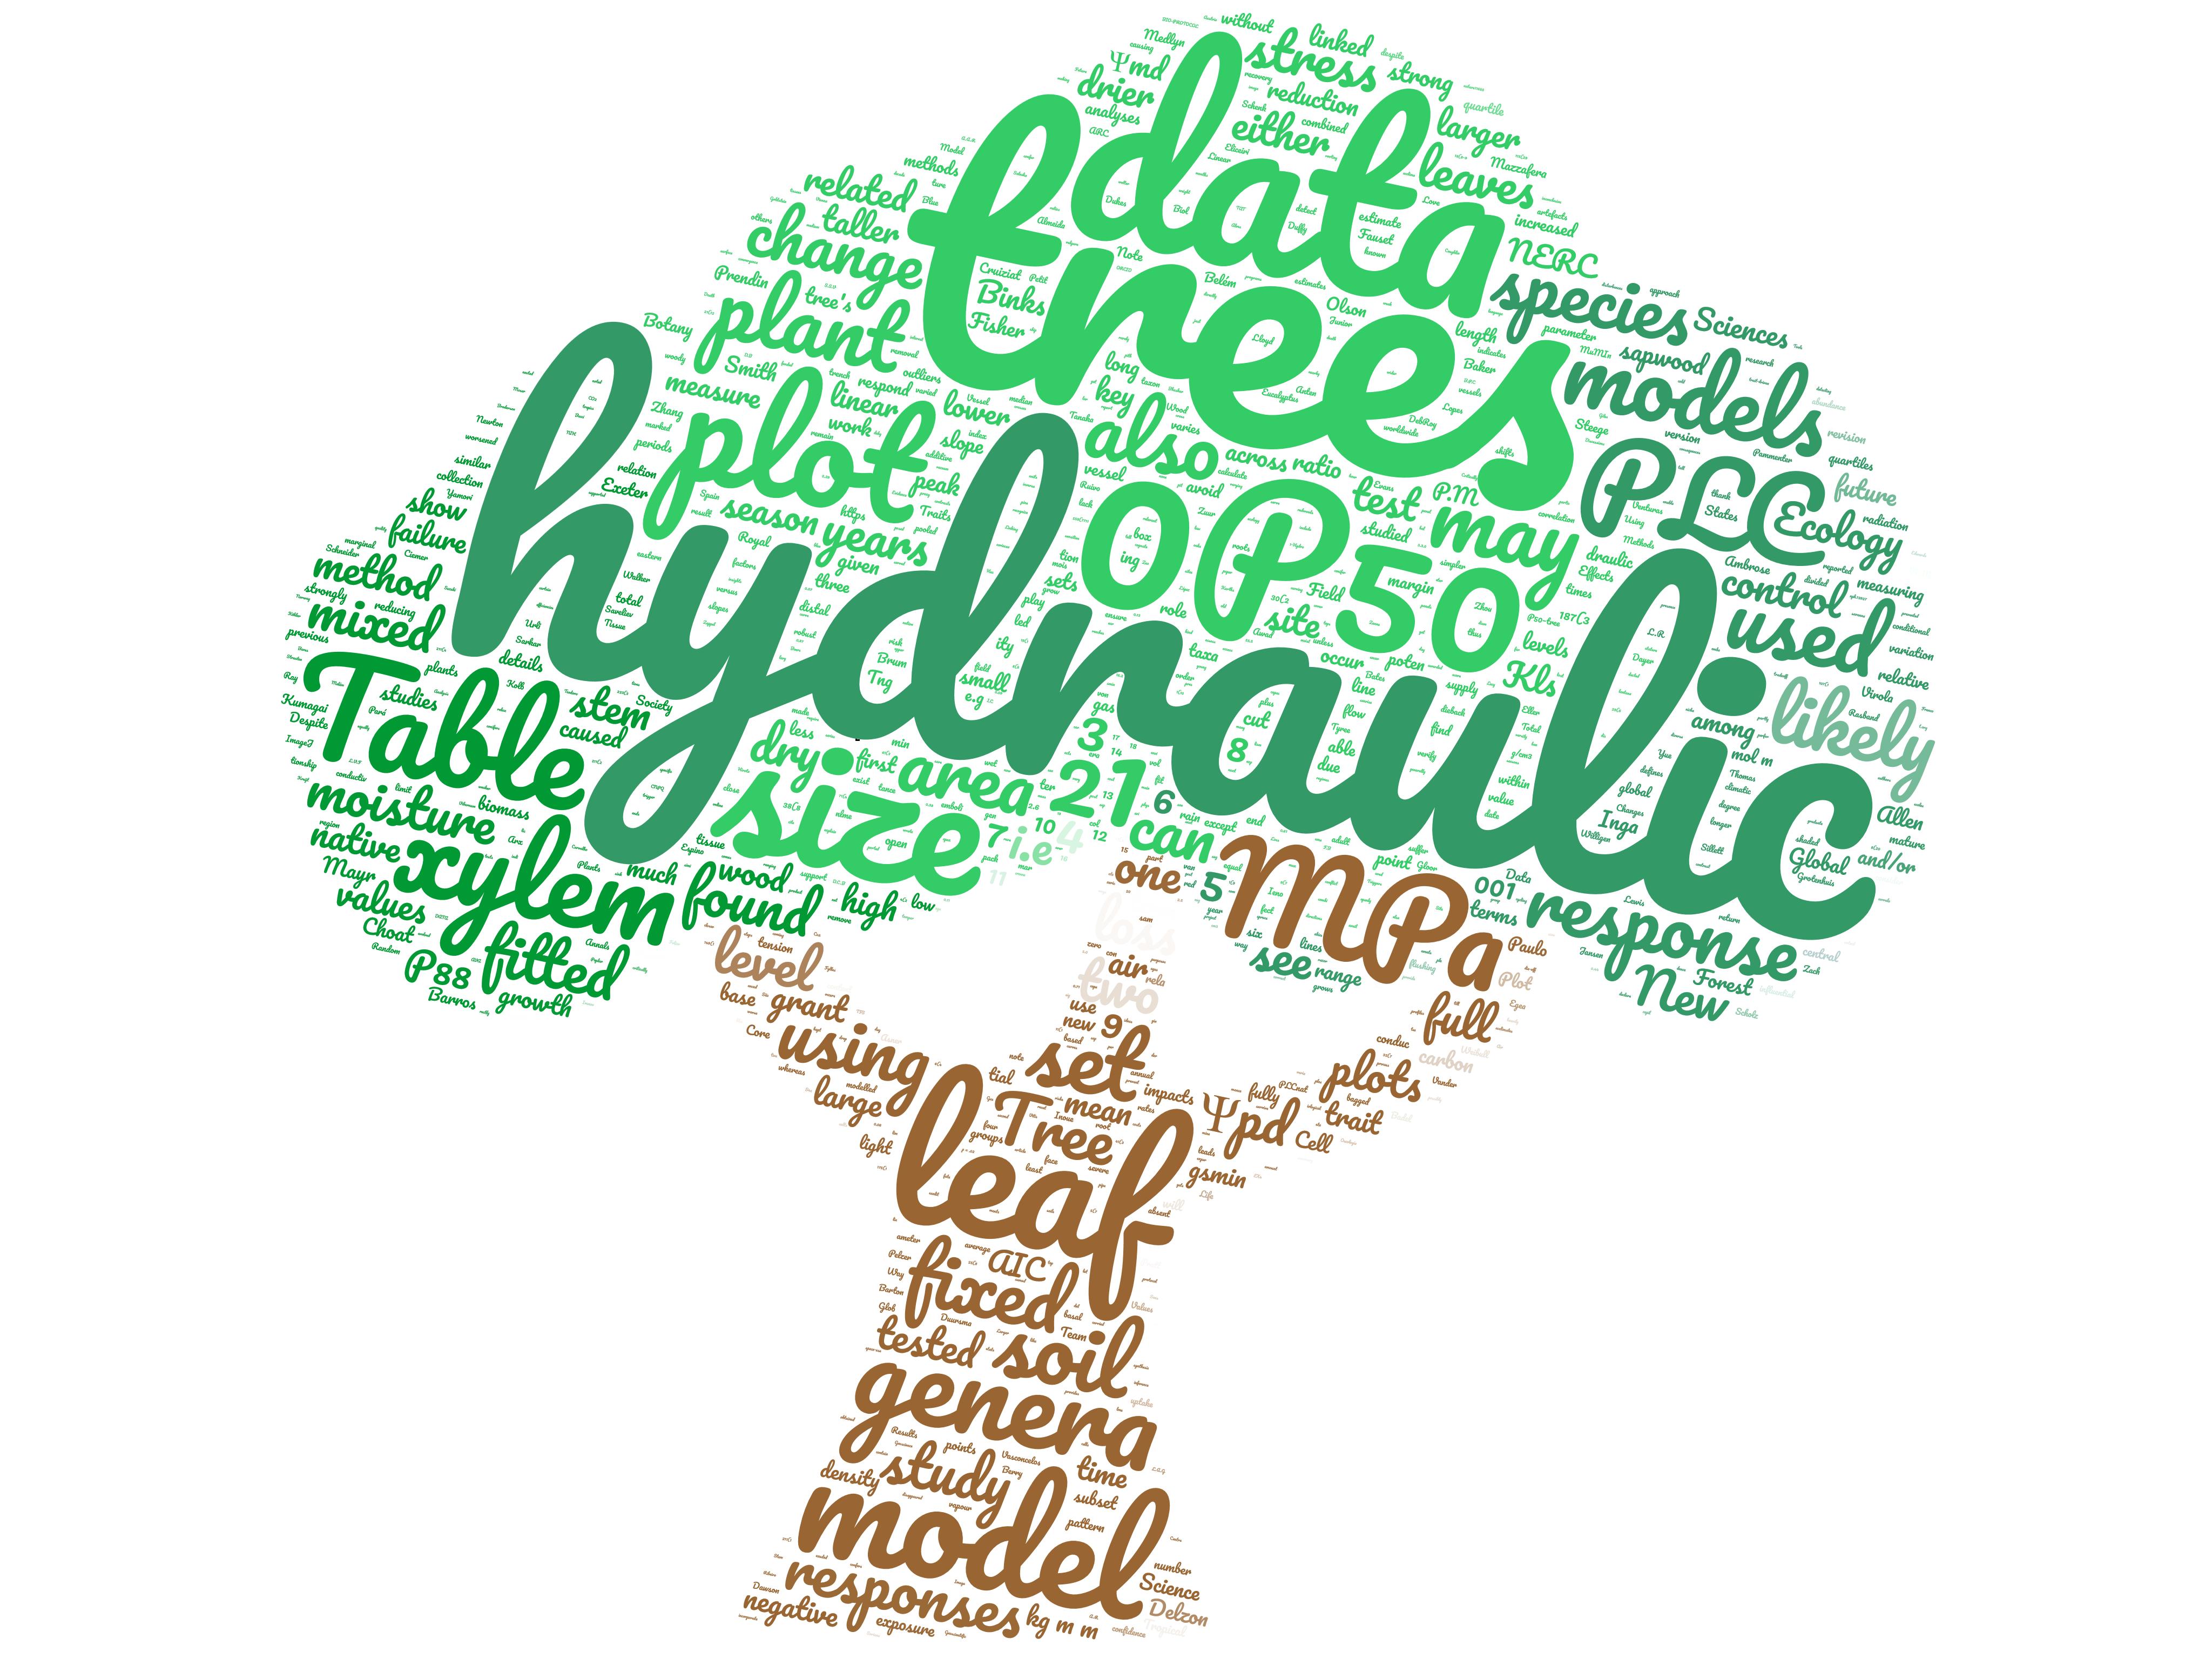 Bittencourt et al. 2020 GCB wordcloud